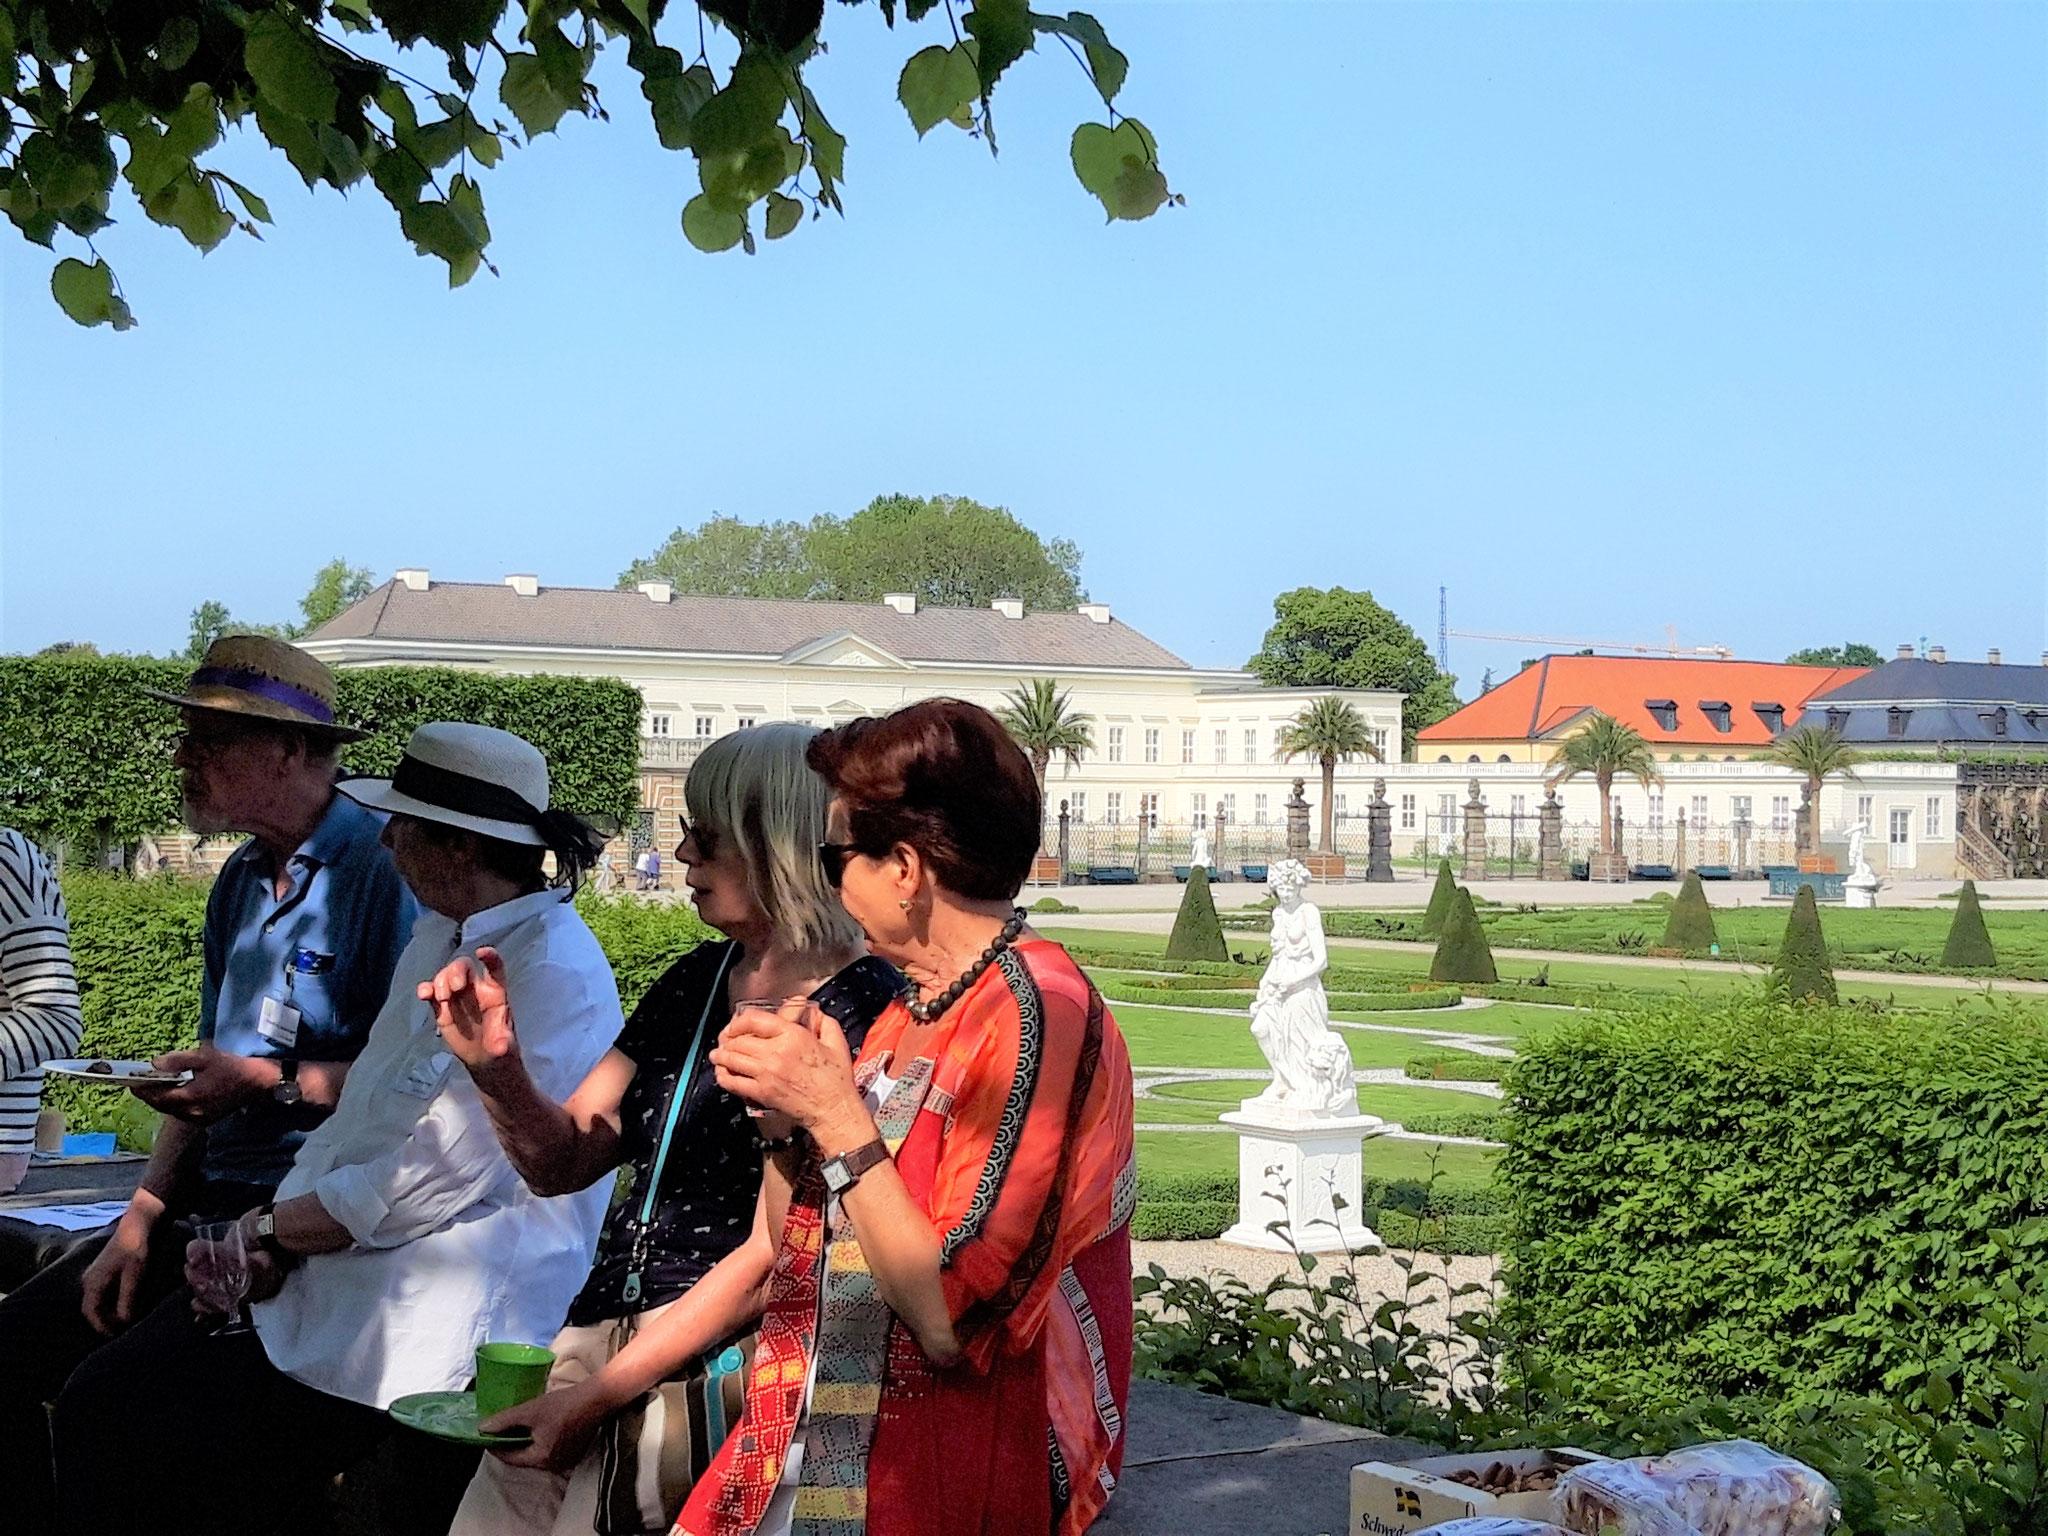 Picknick nach einer Erkundungsrallye durch den Großen Garten Herrenhausen (8)